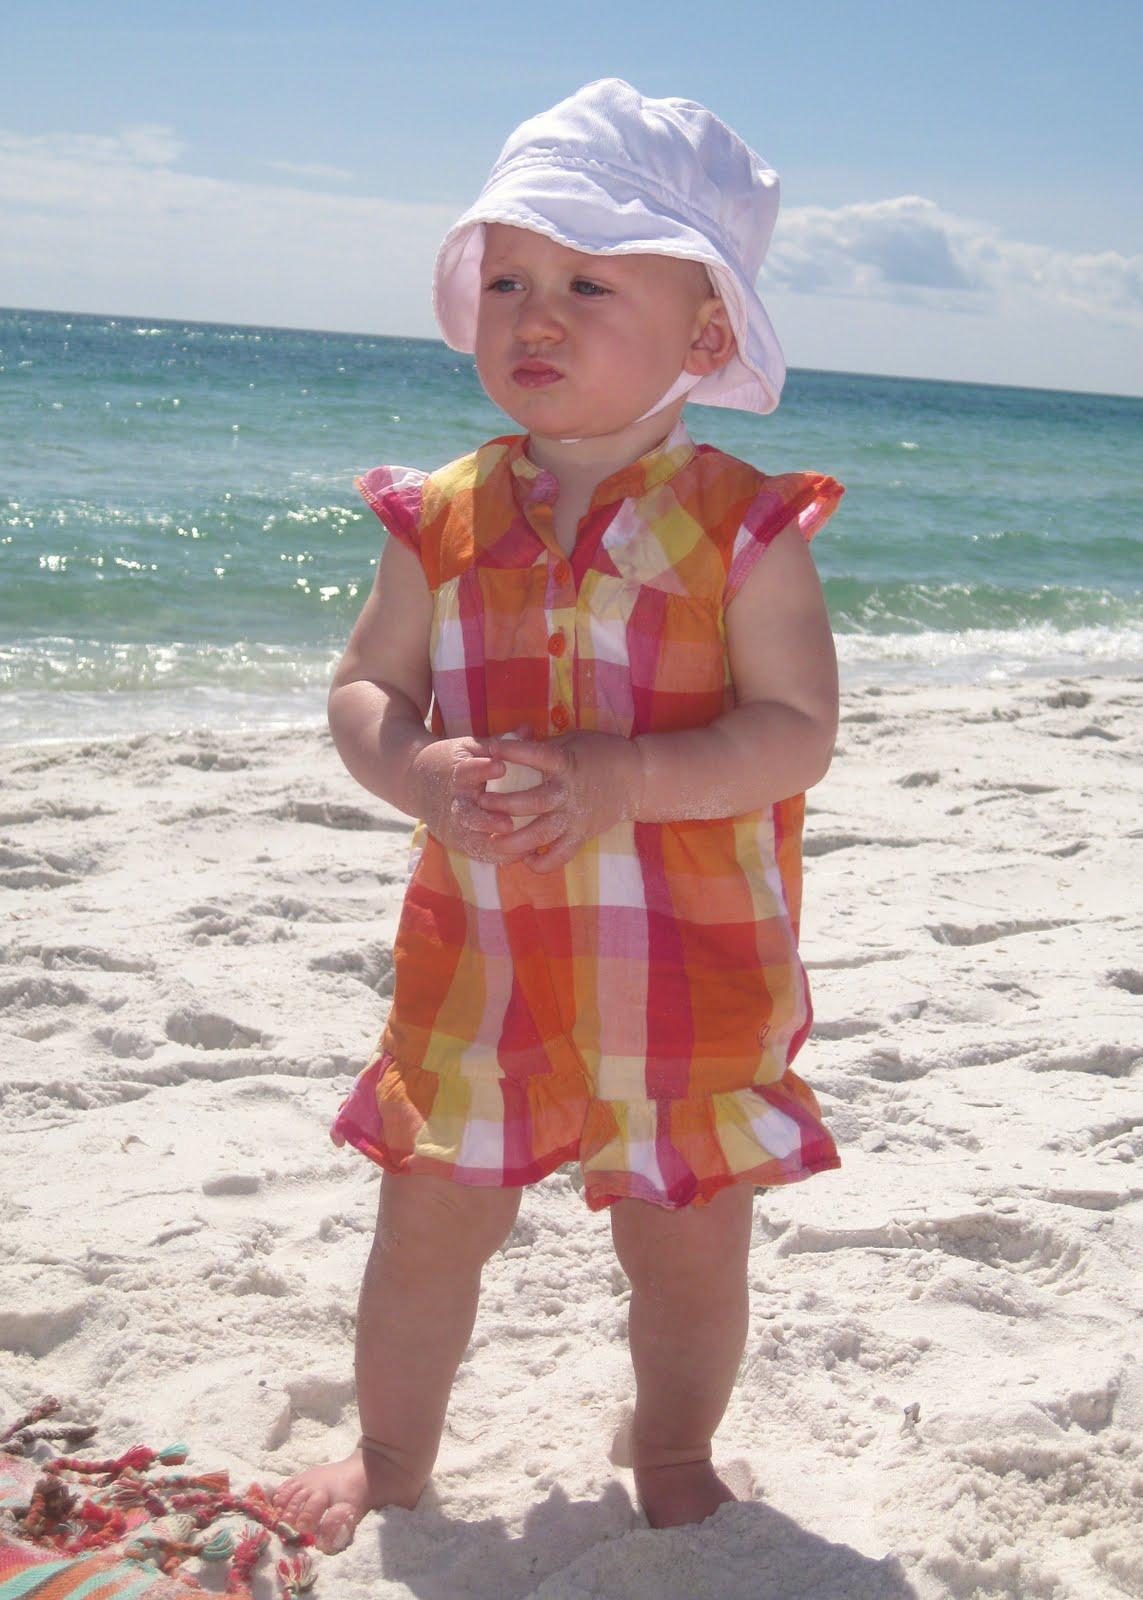 makings of a beach girl!